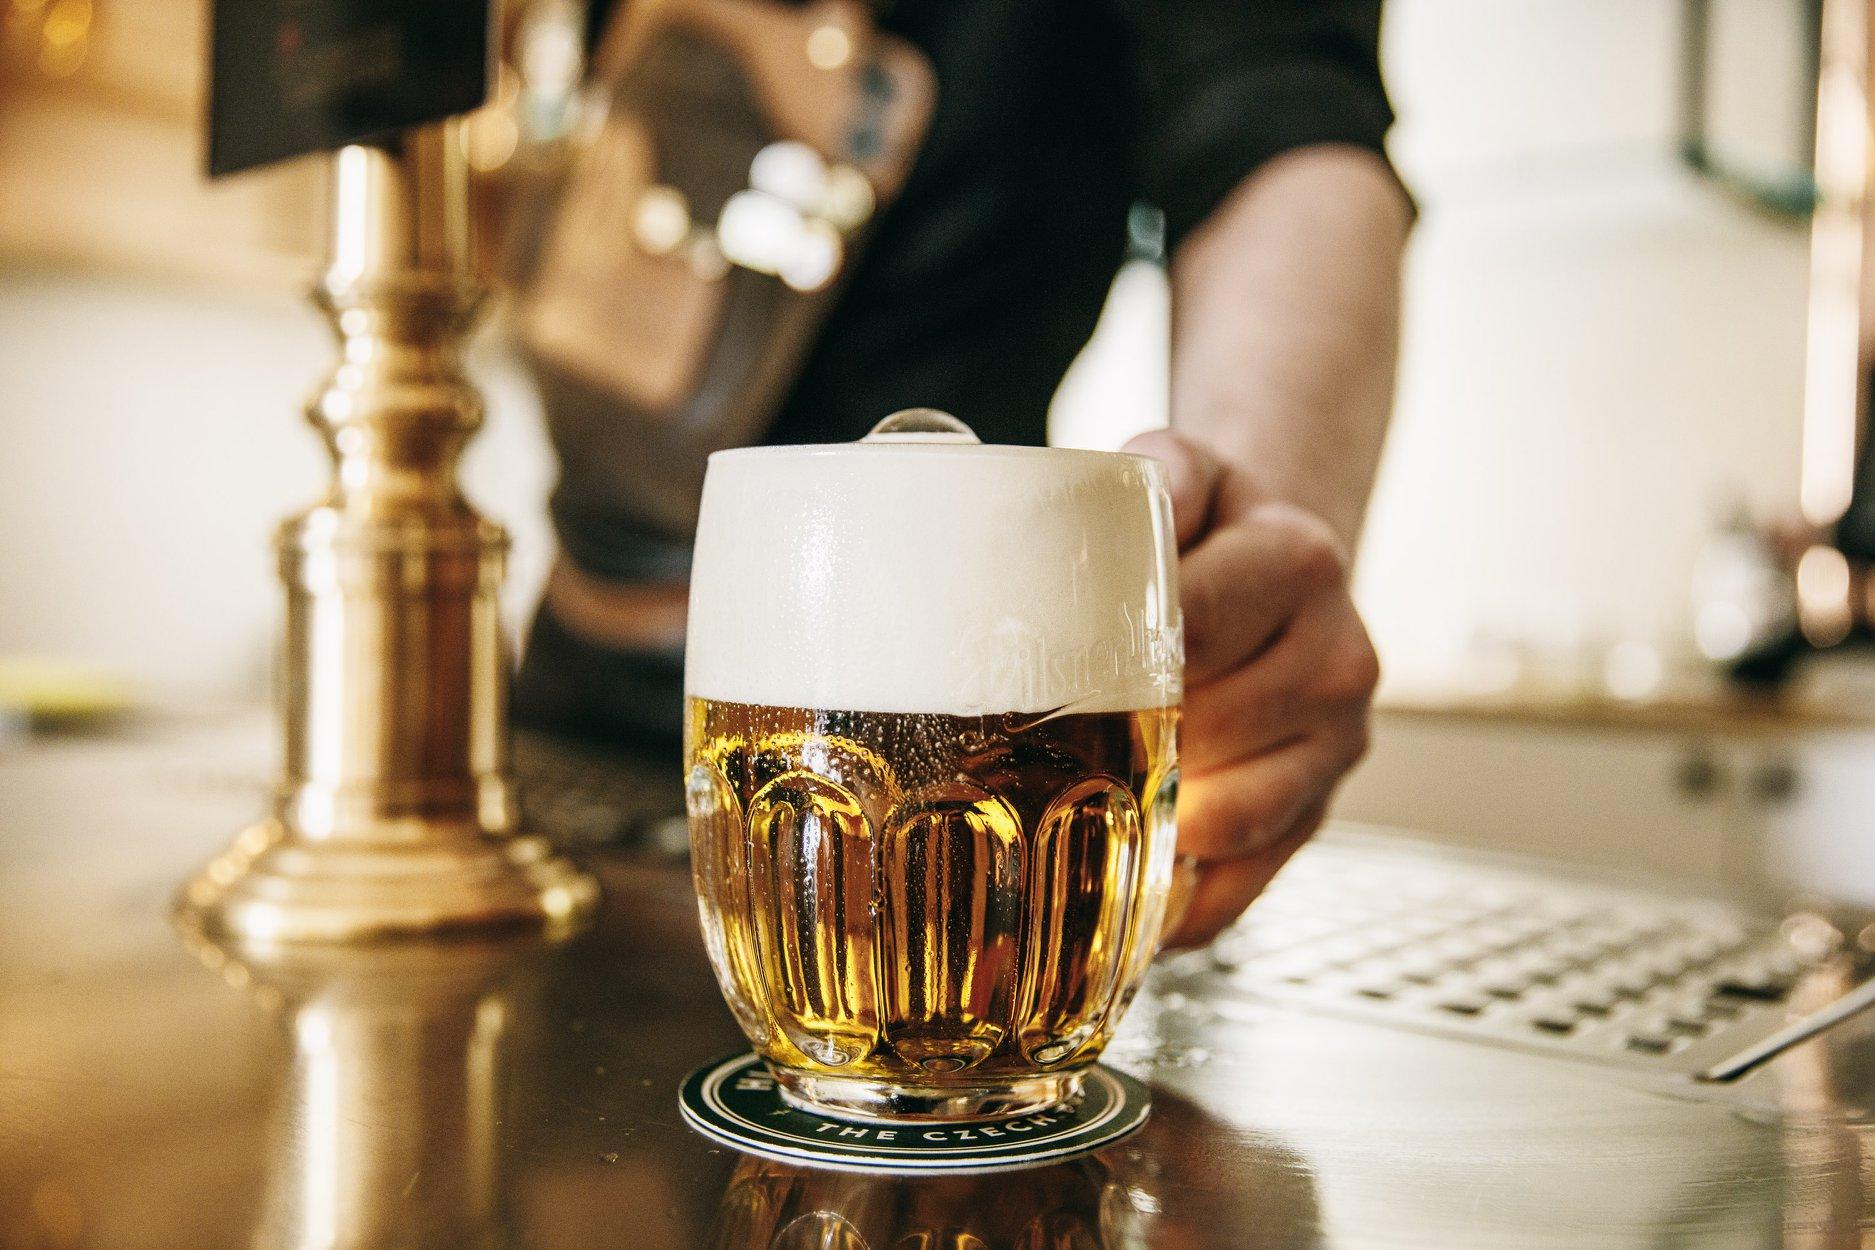 Pivo je lék, který má 4,2 stupně. Proto mají v Lékárně nejlepší plzeň v Plzni